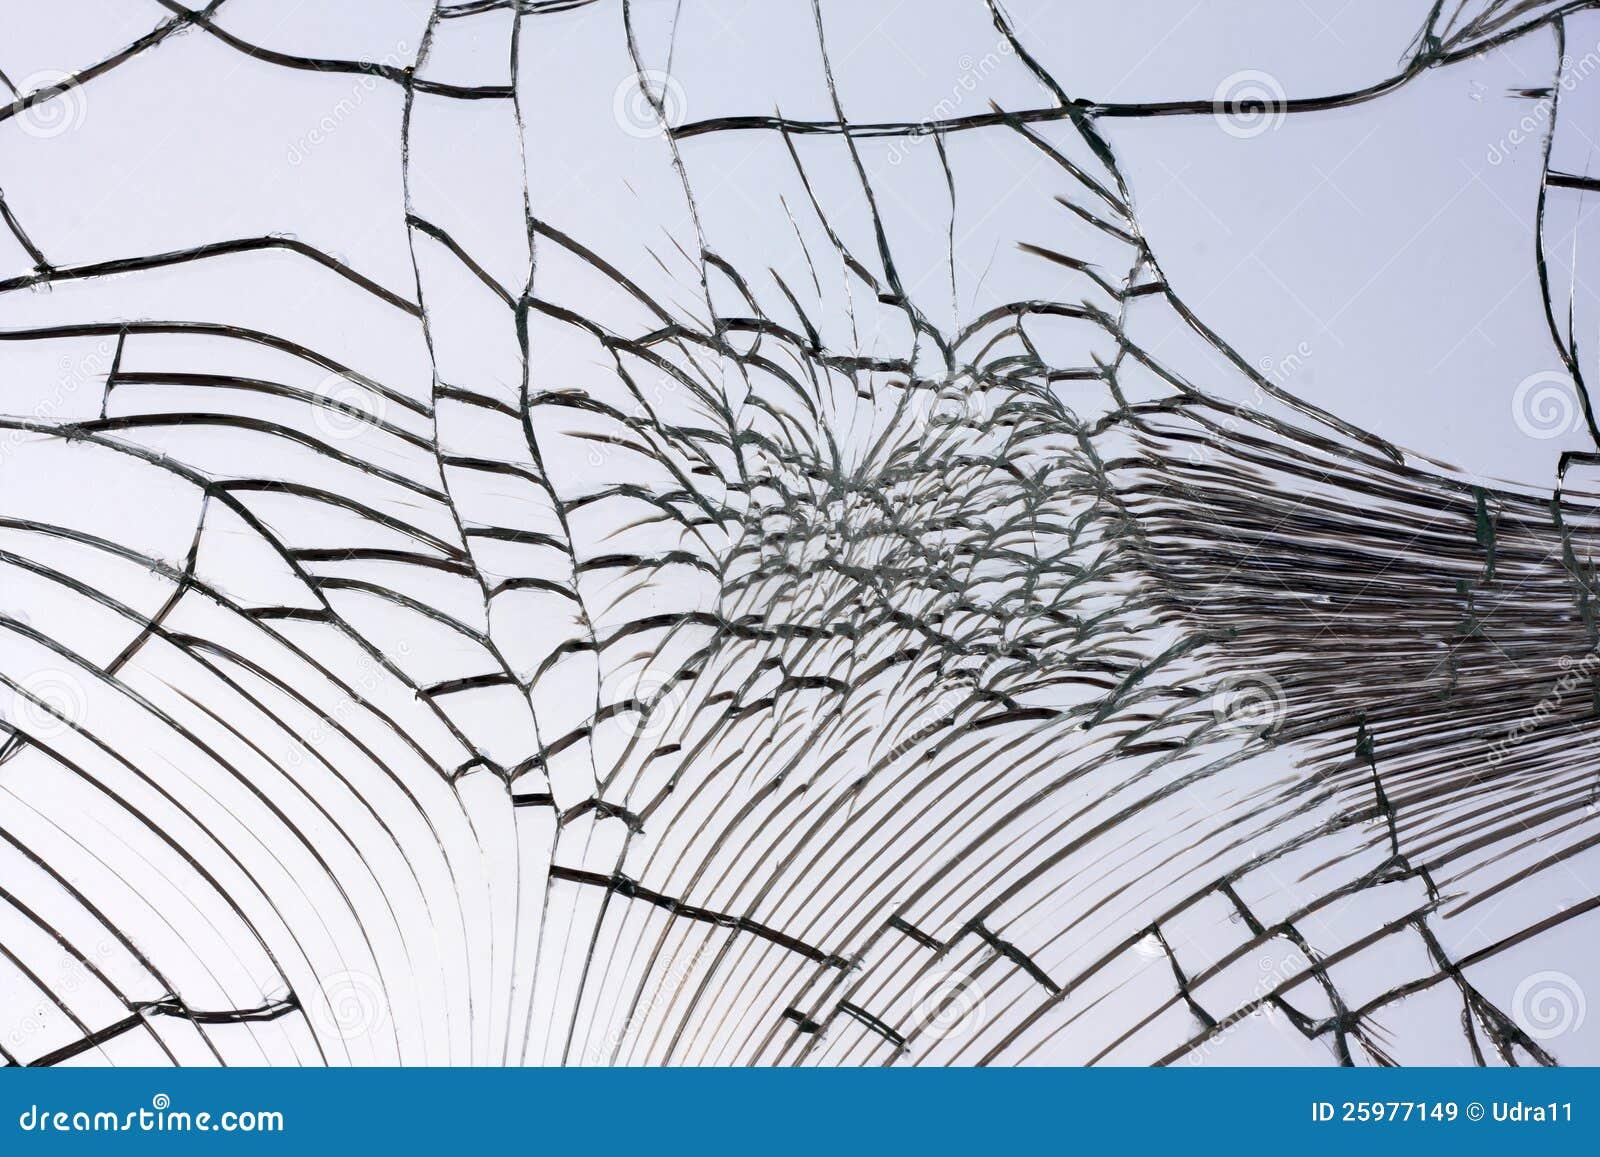 Miroir bris cass images libres de droits image 25977149 for Miroir texture